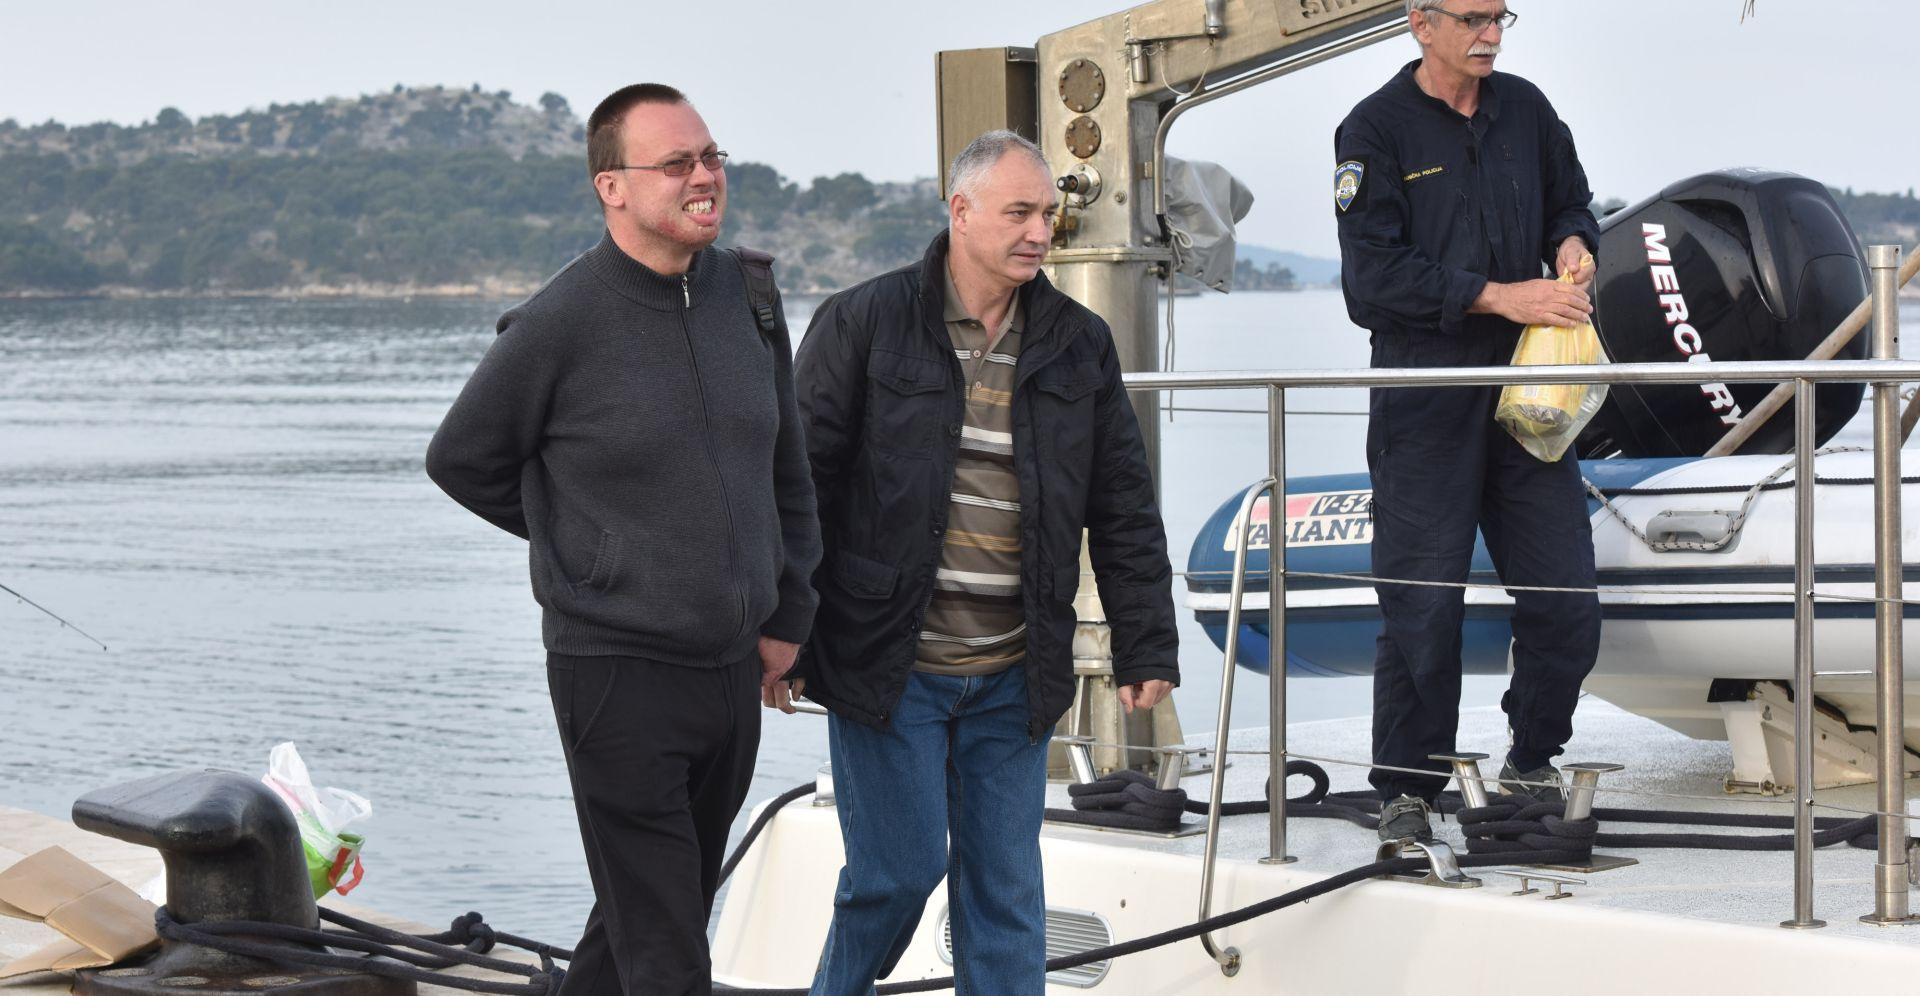 NOVA REKONSTRUKCIJA KORNATSKE TRAGEDIJE Frane Lučić nakon deset godina prvi put na mjestu stradavanja